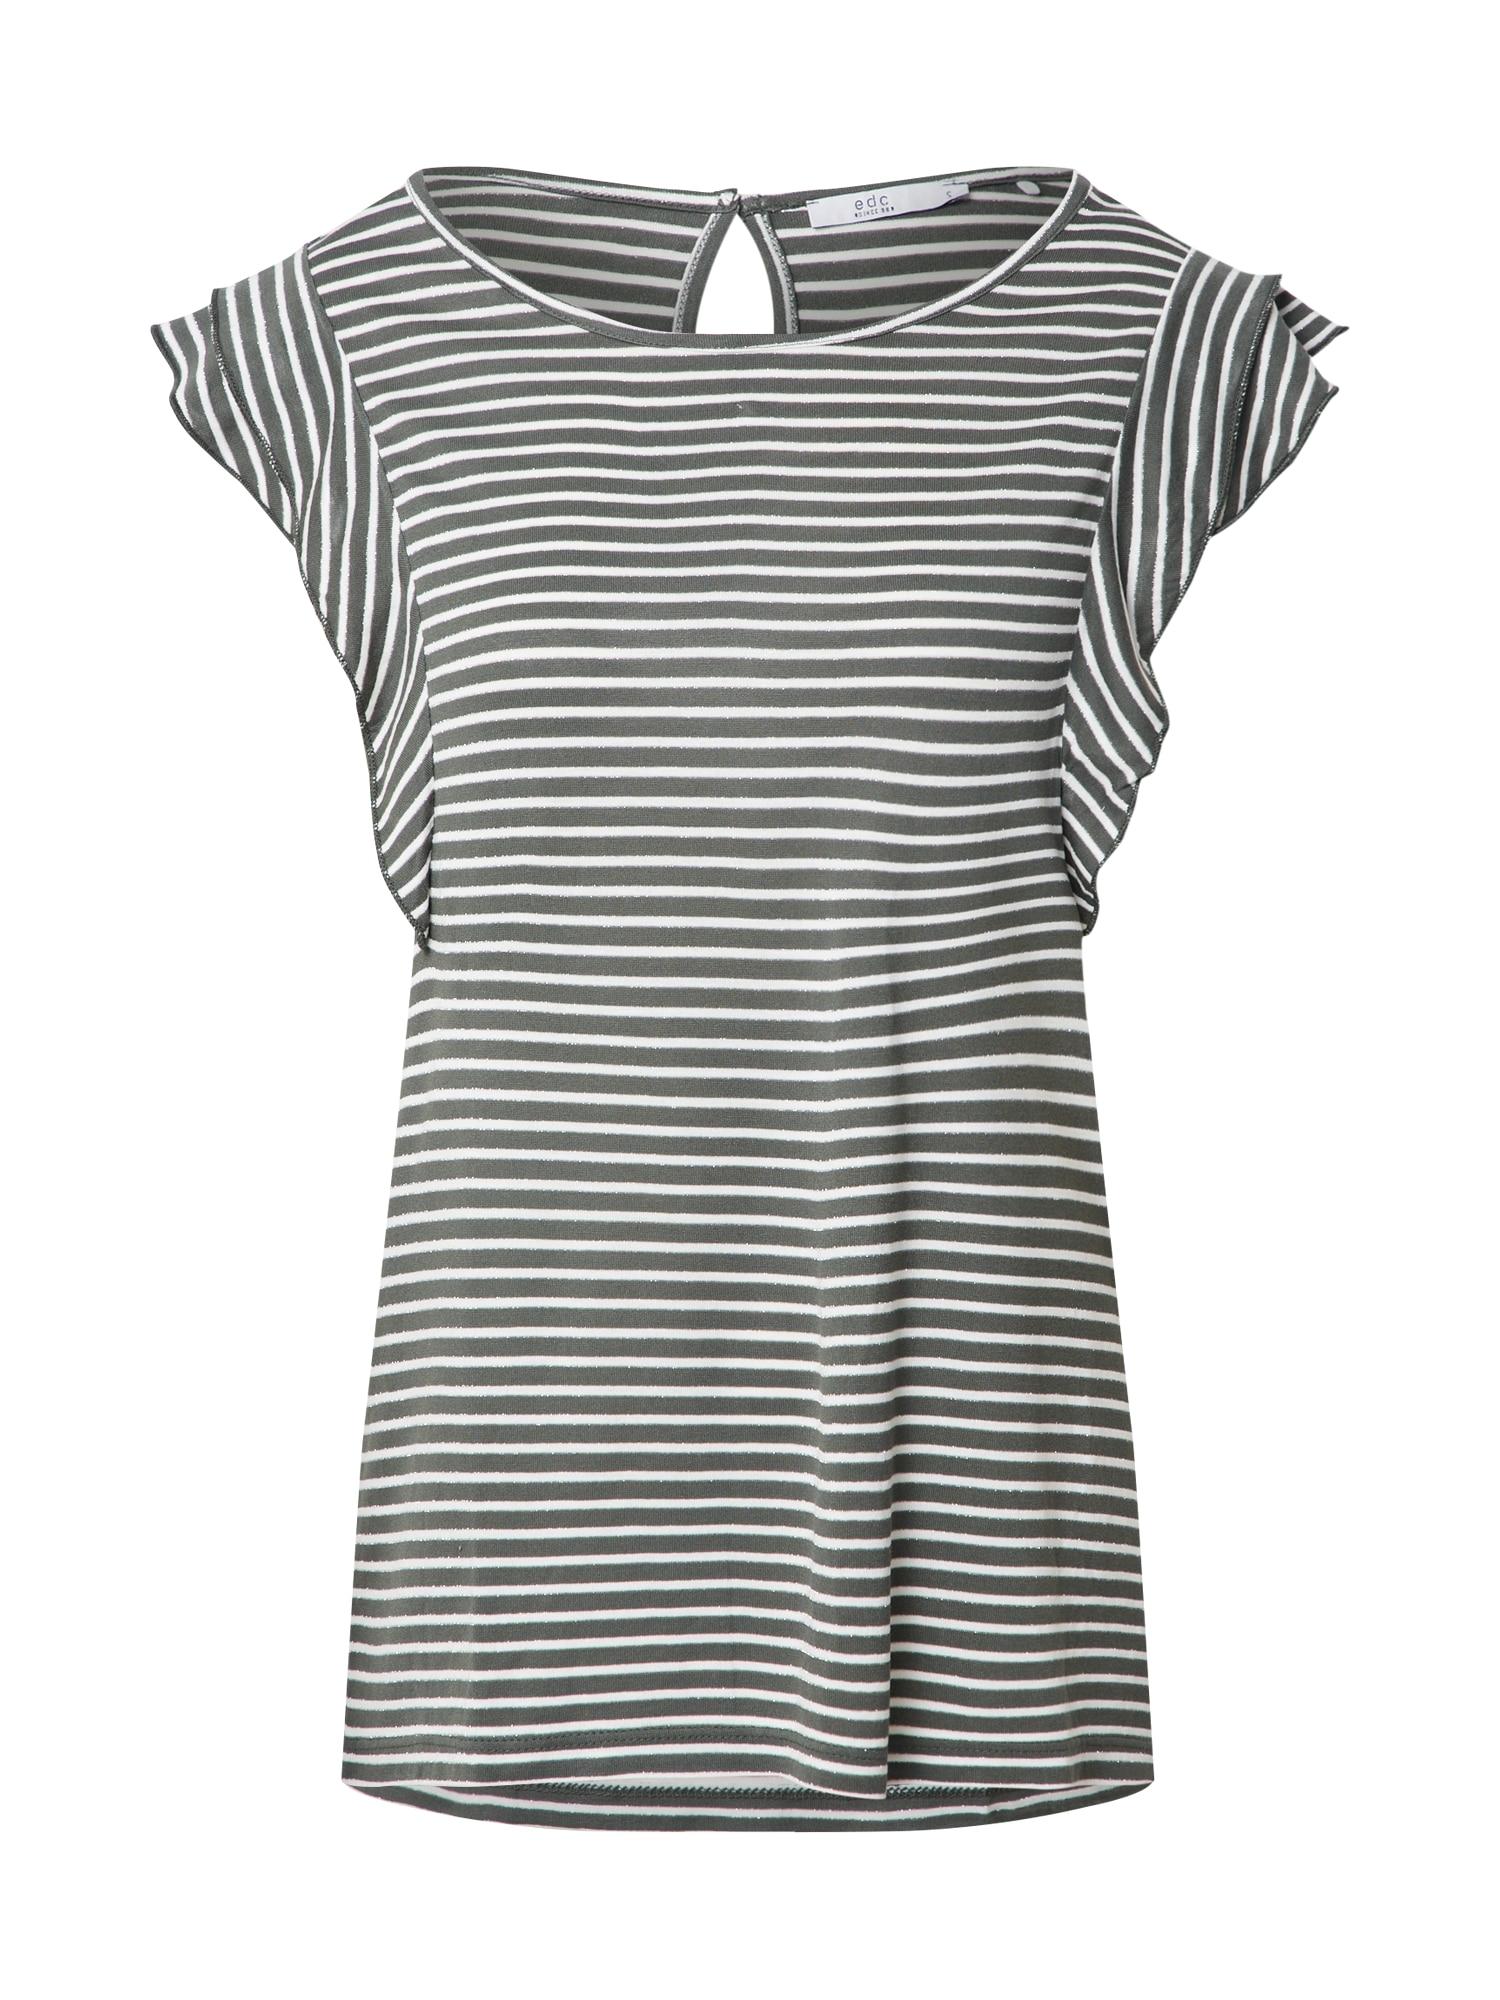 EDC BY ESPRIT Marškinėliai 'frill Strp Top T-Shirts sleeveless' rusvai žalia